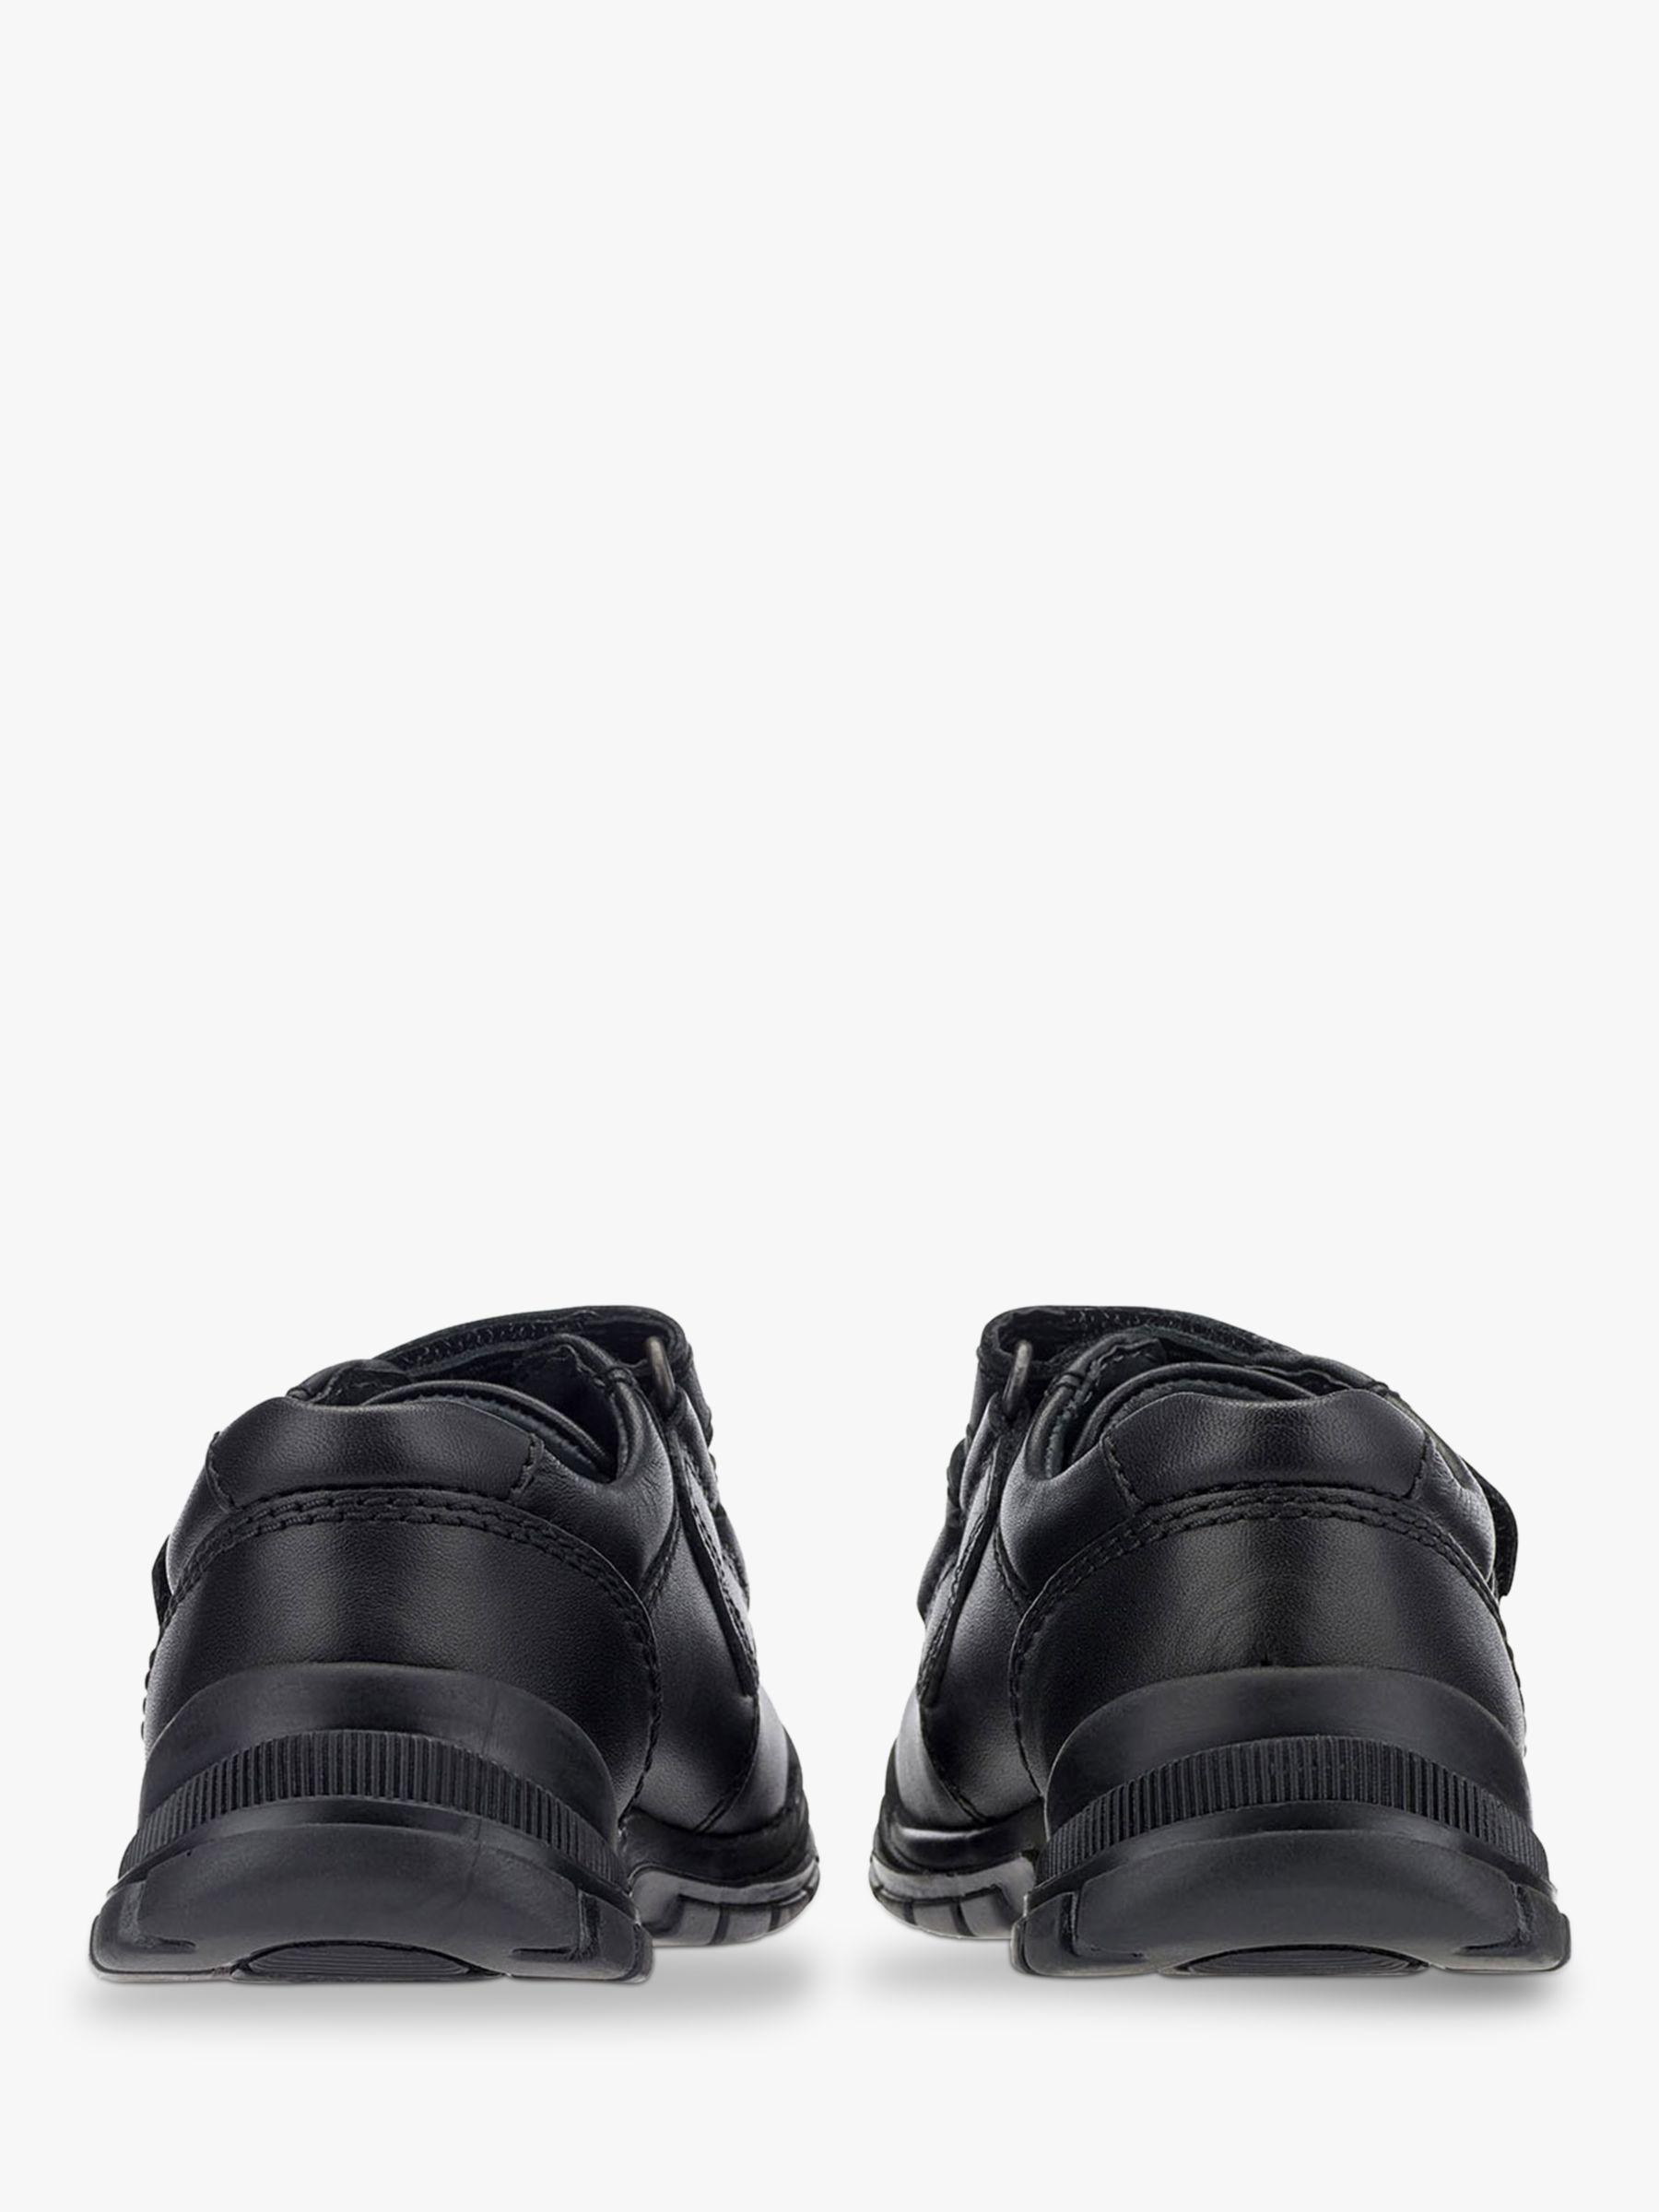 Start-Rite Start-rite Children's Engineer Riptape Shoes, Black